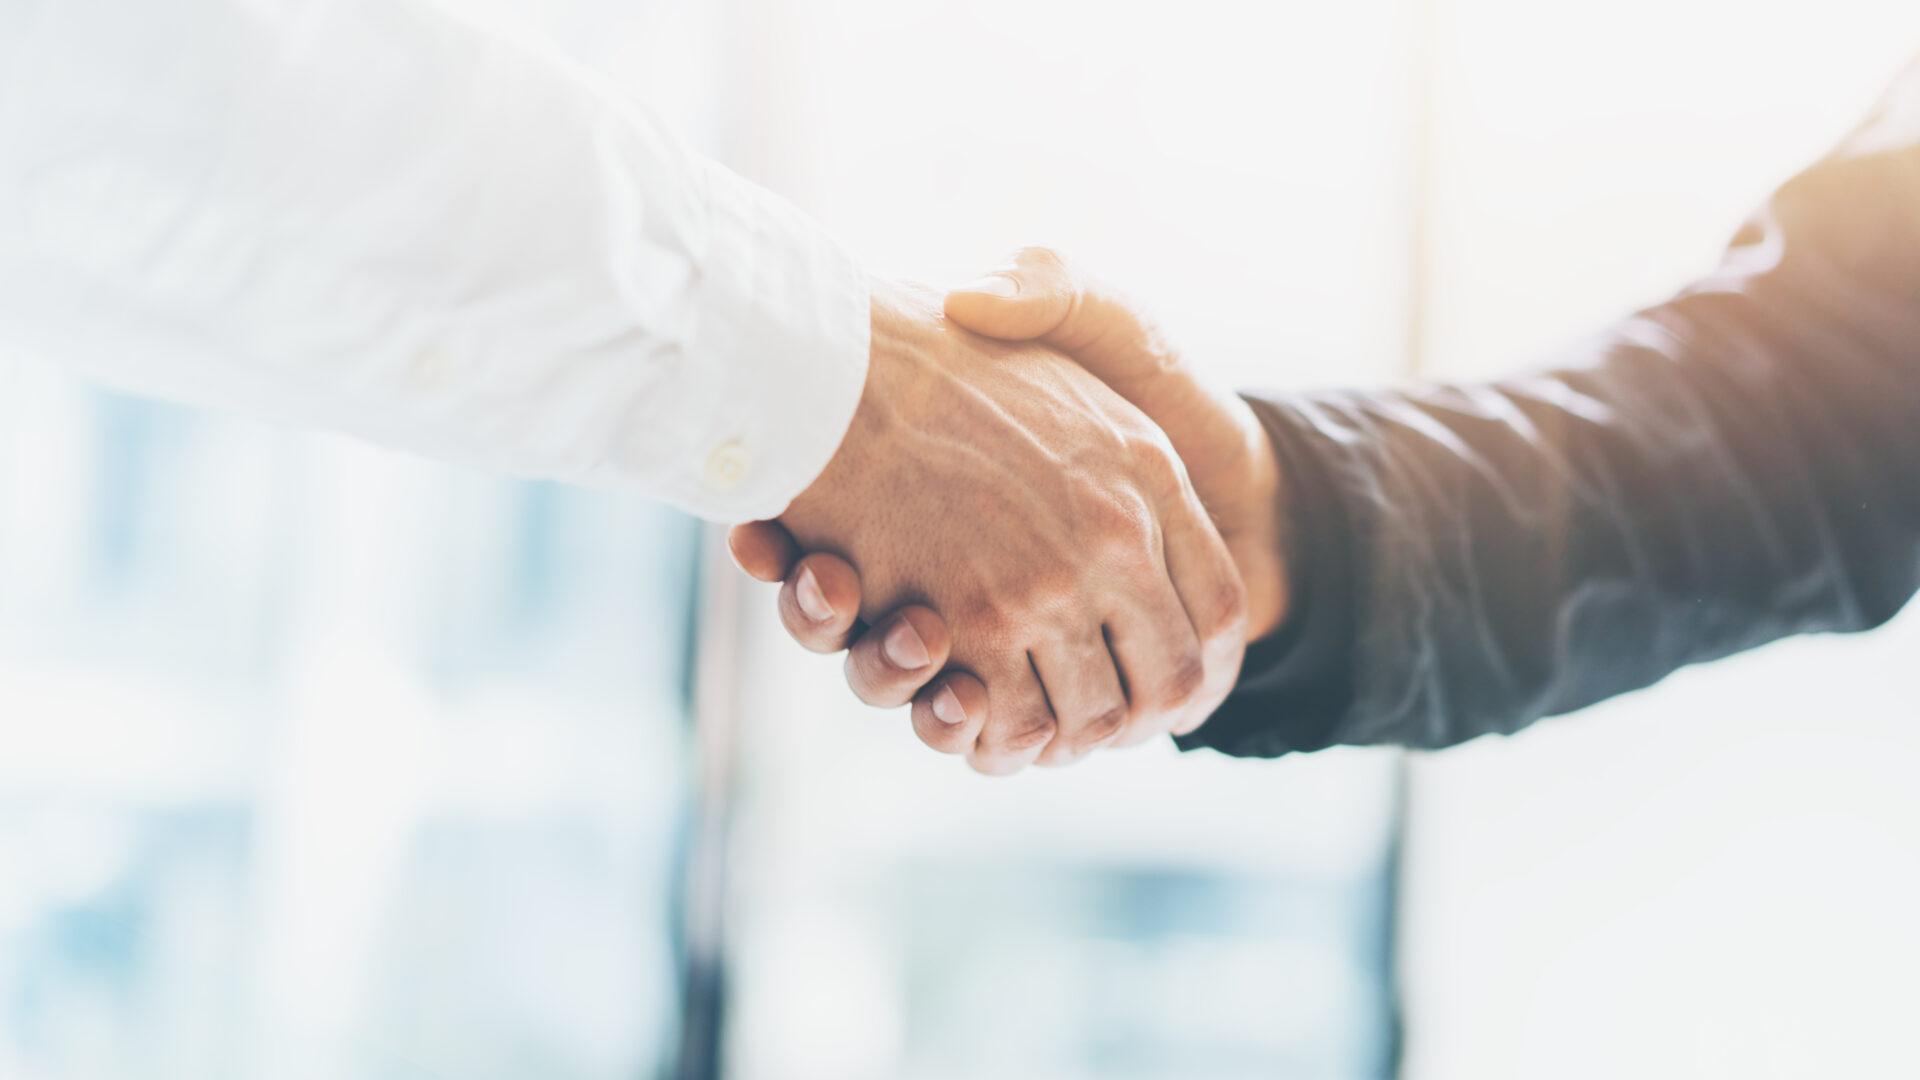 Yhteistyössä luotettavaa palvelua